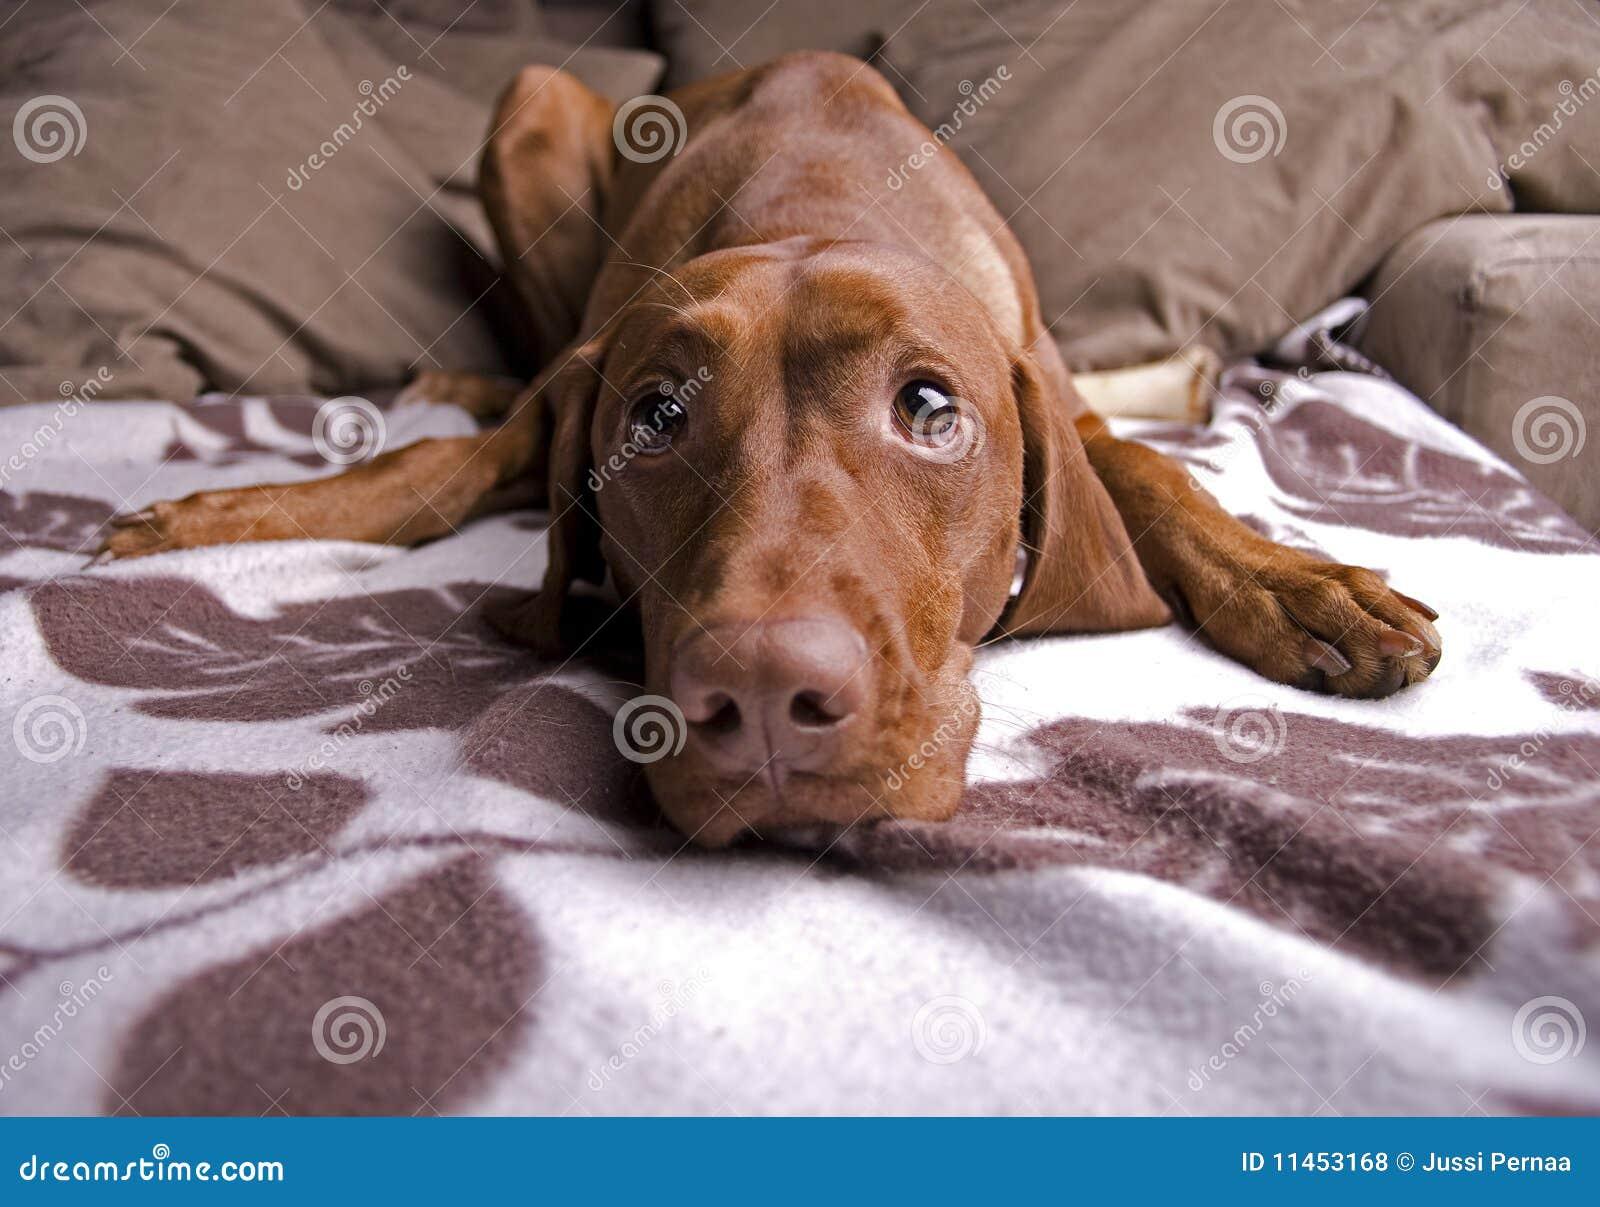 Cane sveglio faticoso.